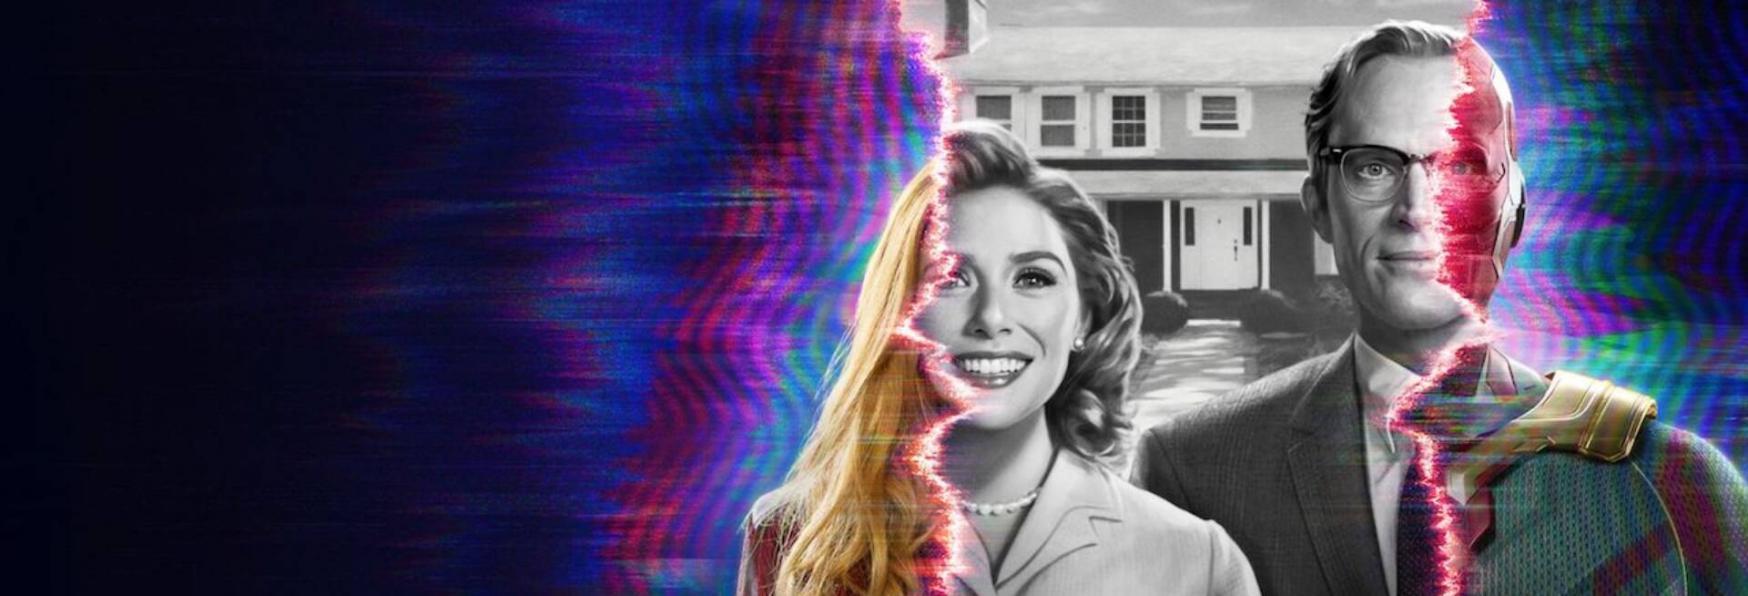 I primi due Episodi di WandaVision sono ora Disponibili per lo Streaming su Disney+